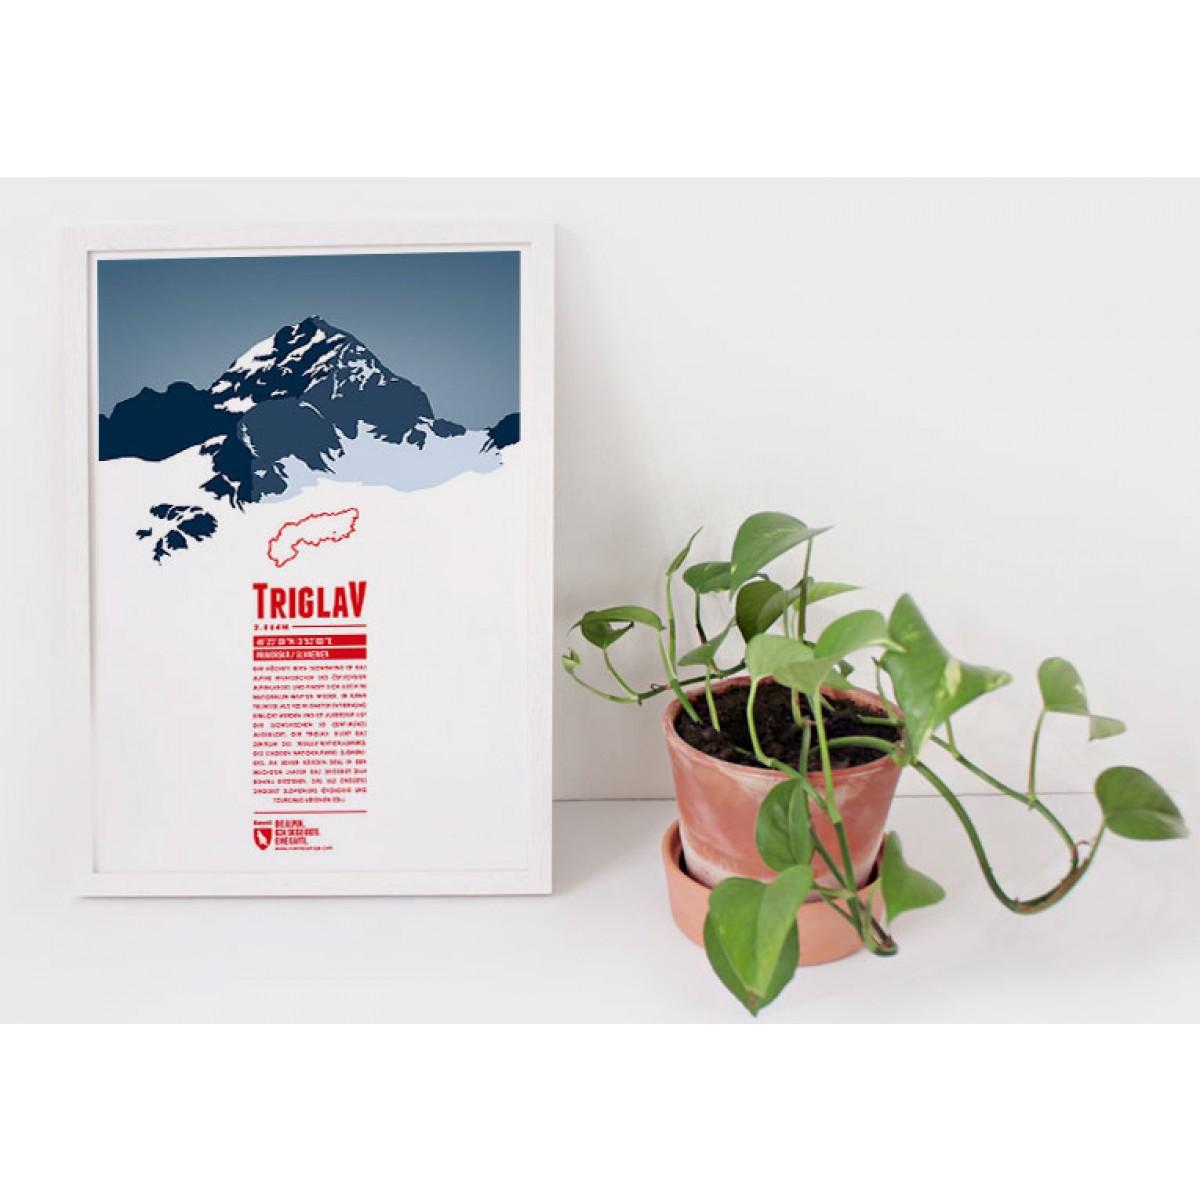 Triglav - Bergdruck